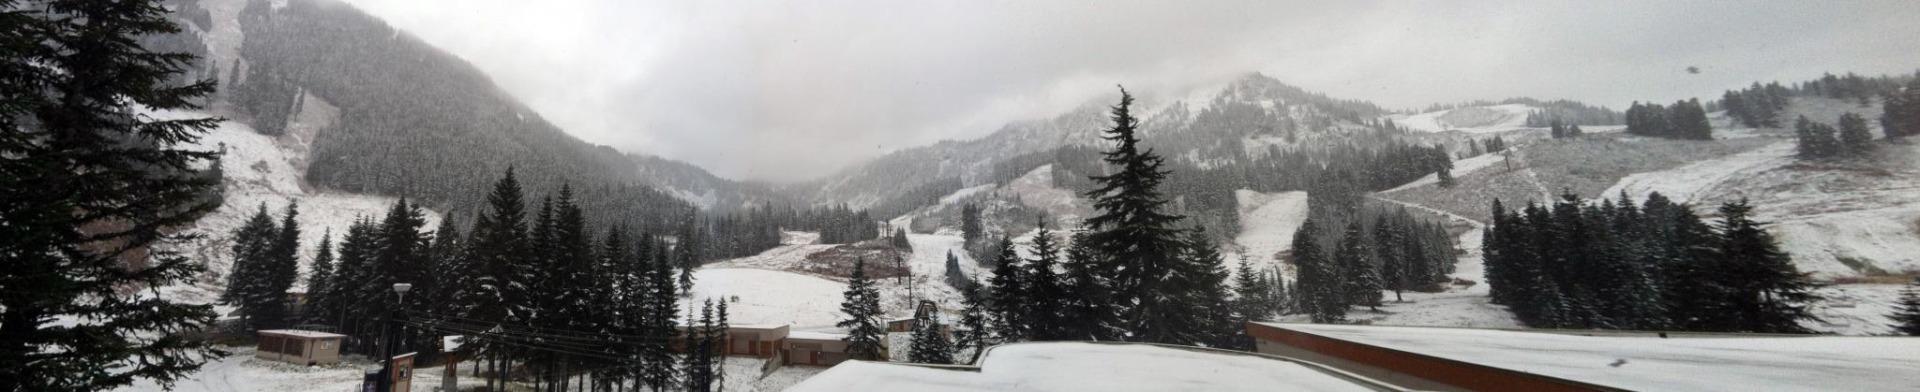 A snowy morning at Stevens Pass. Photo: Stevens Pass/Facebook